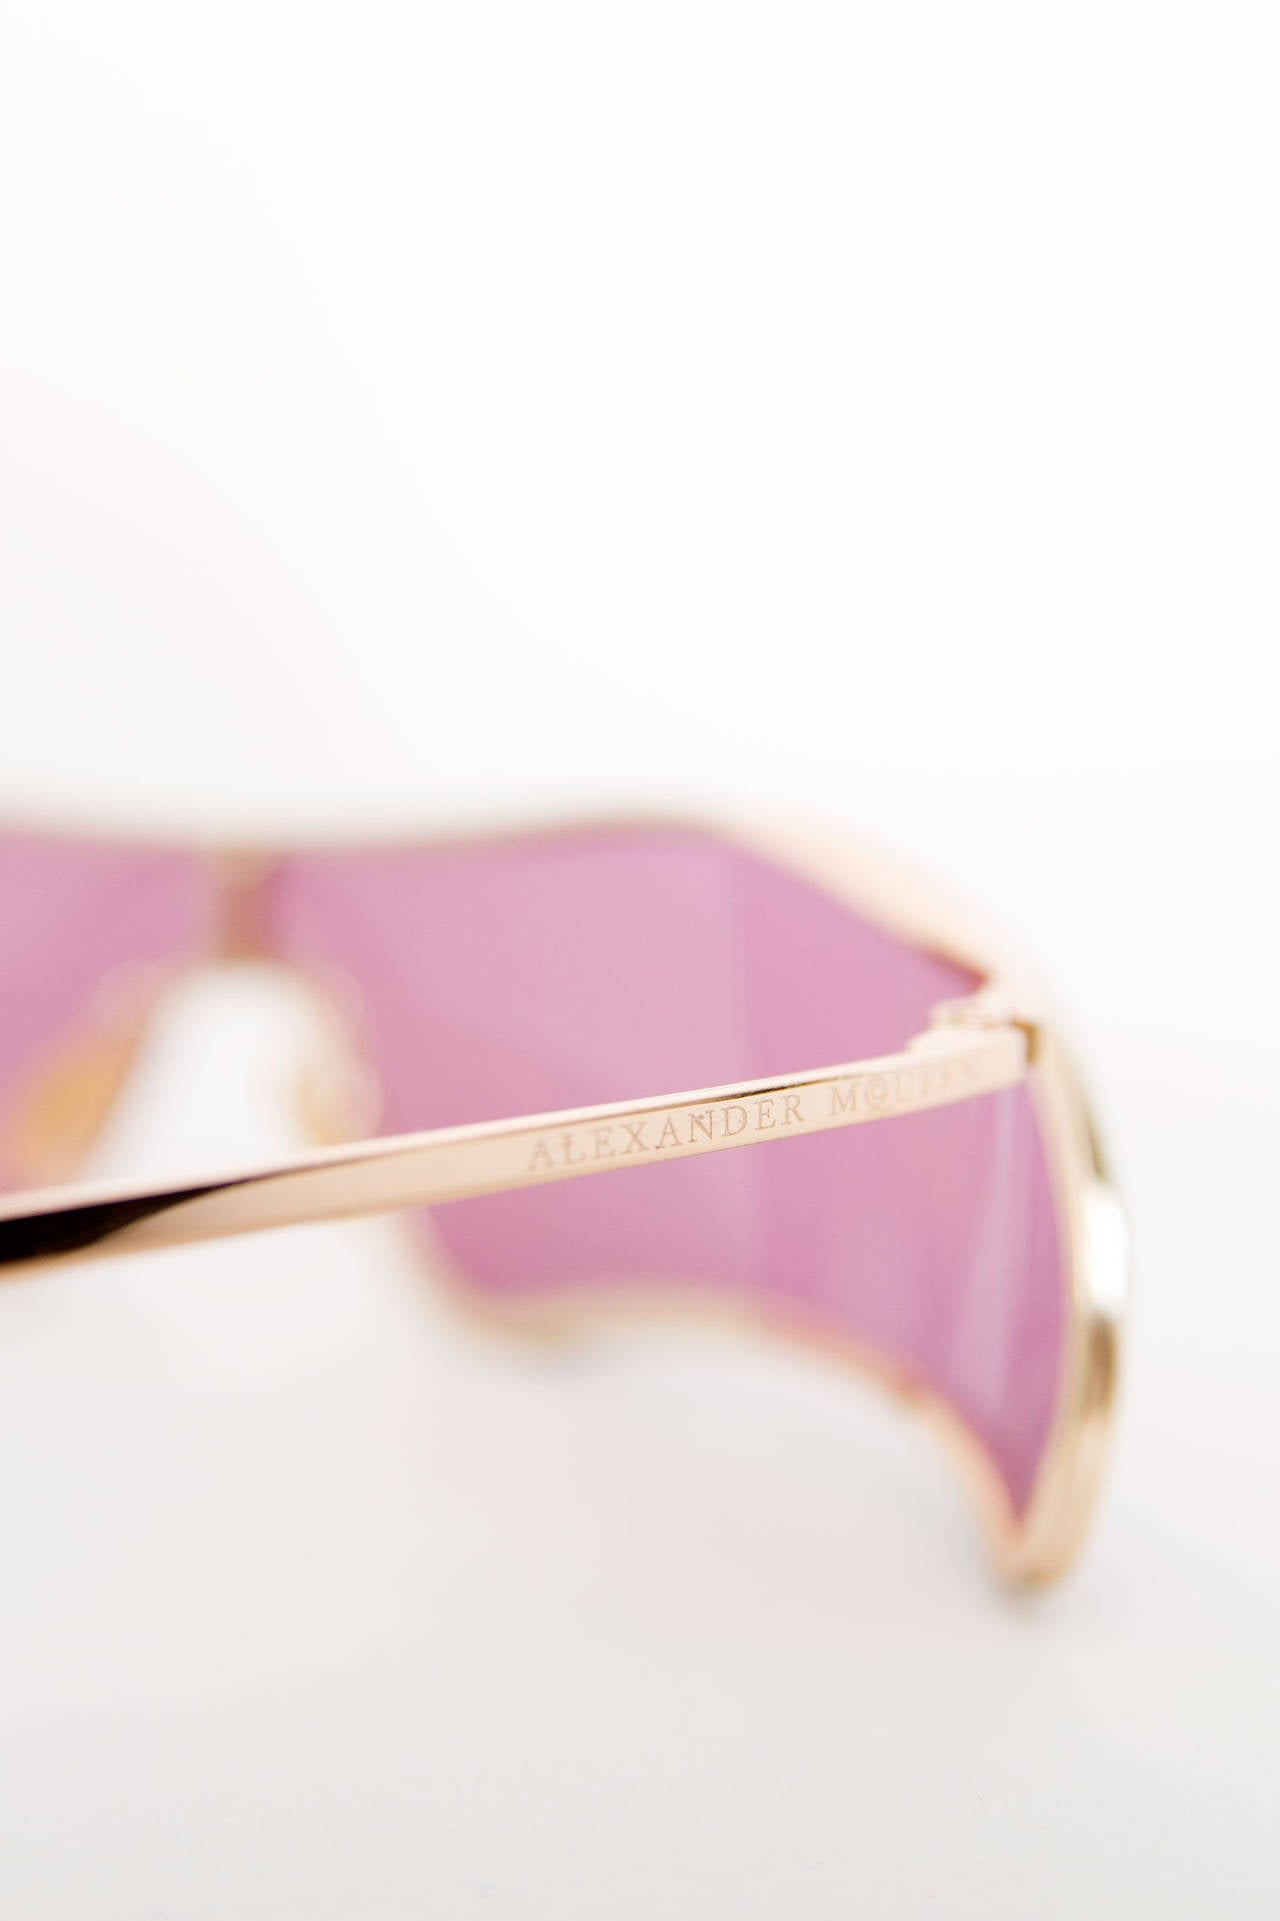 Rare Alexander McQueen Sunglasses For Sale 2